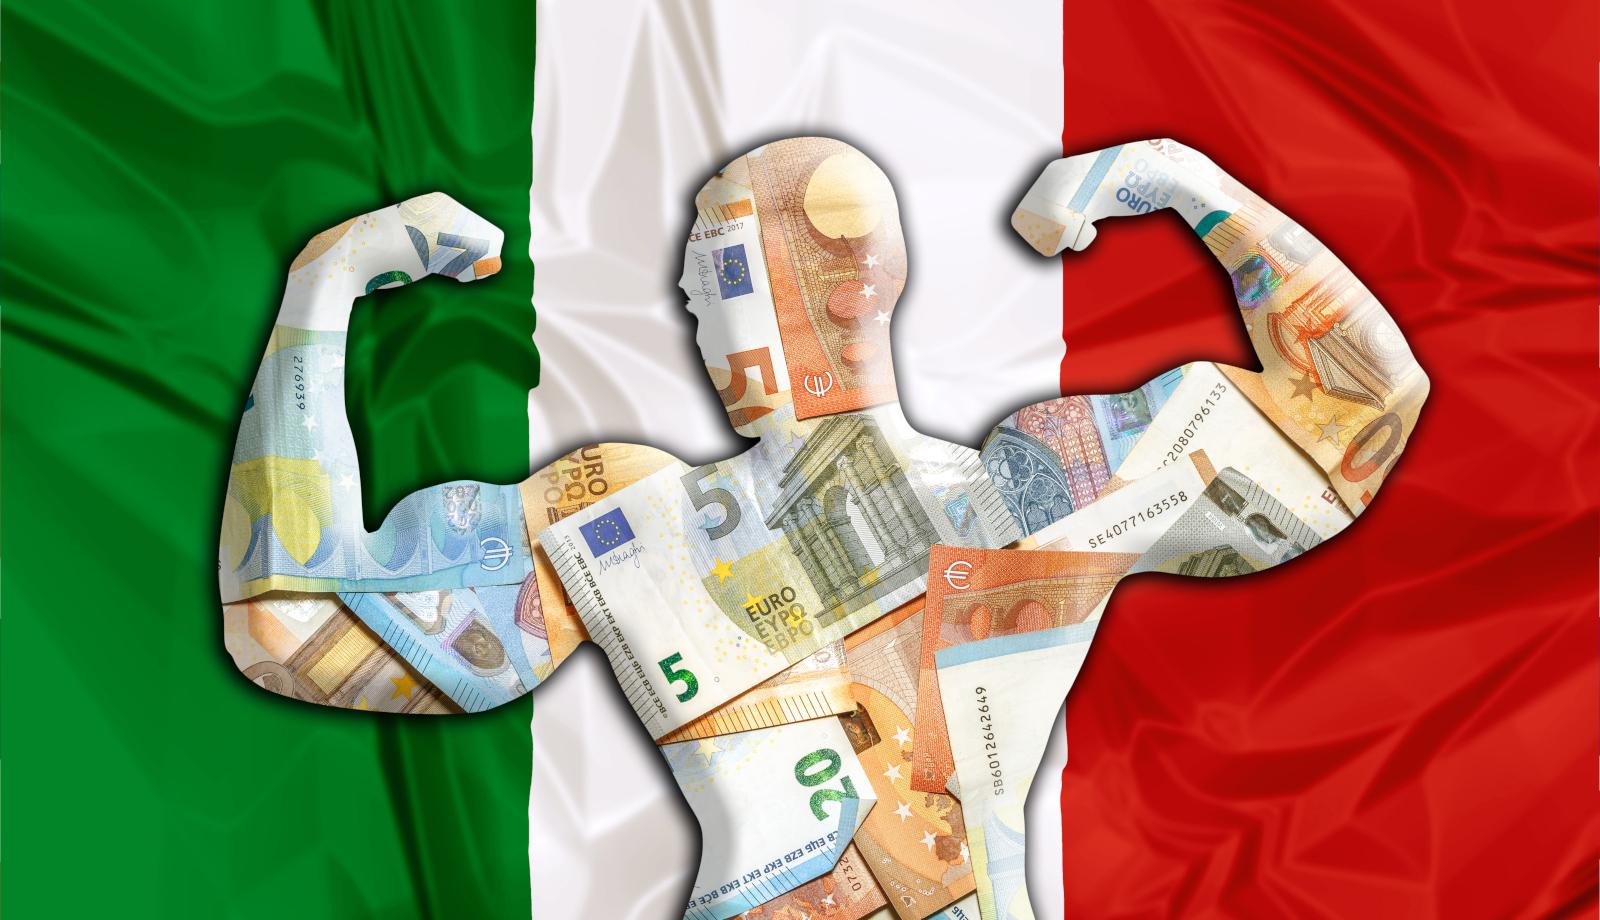 Italy Tax